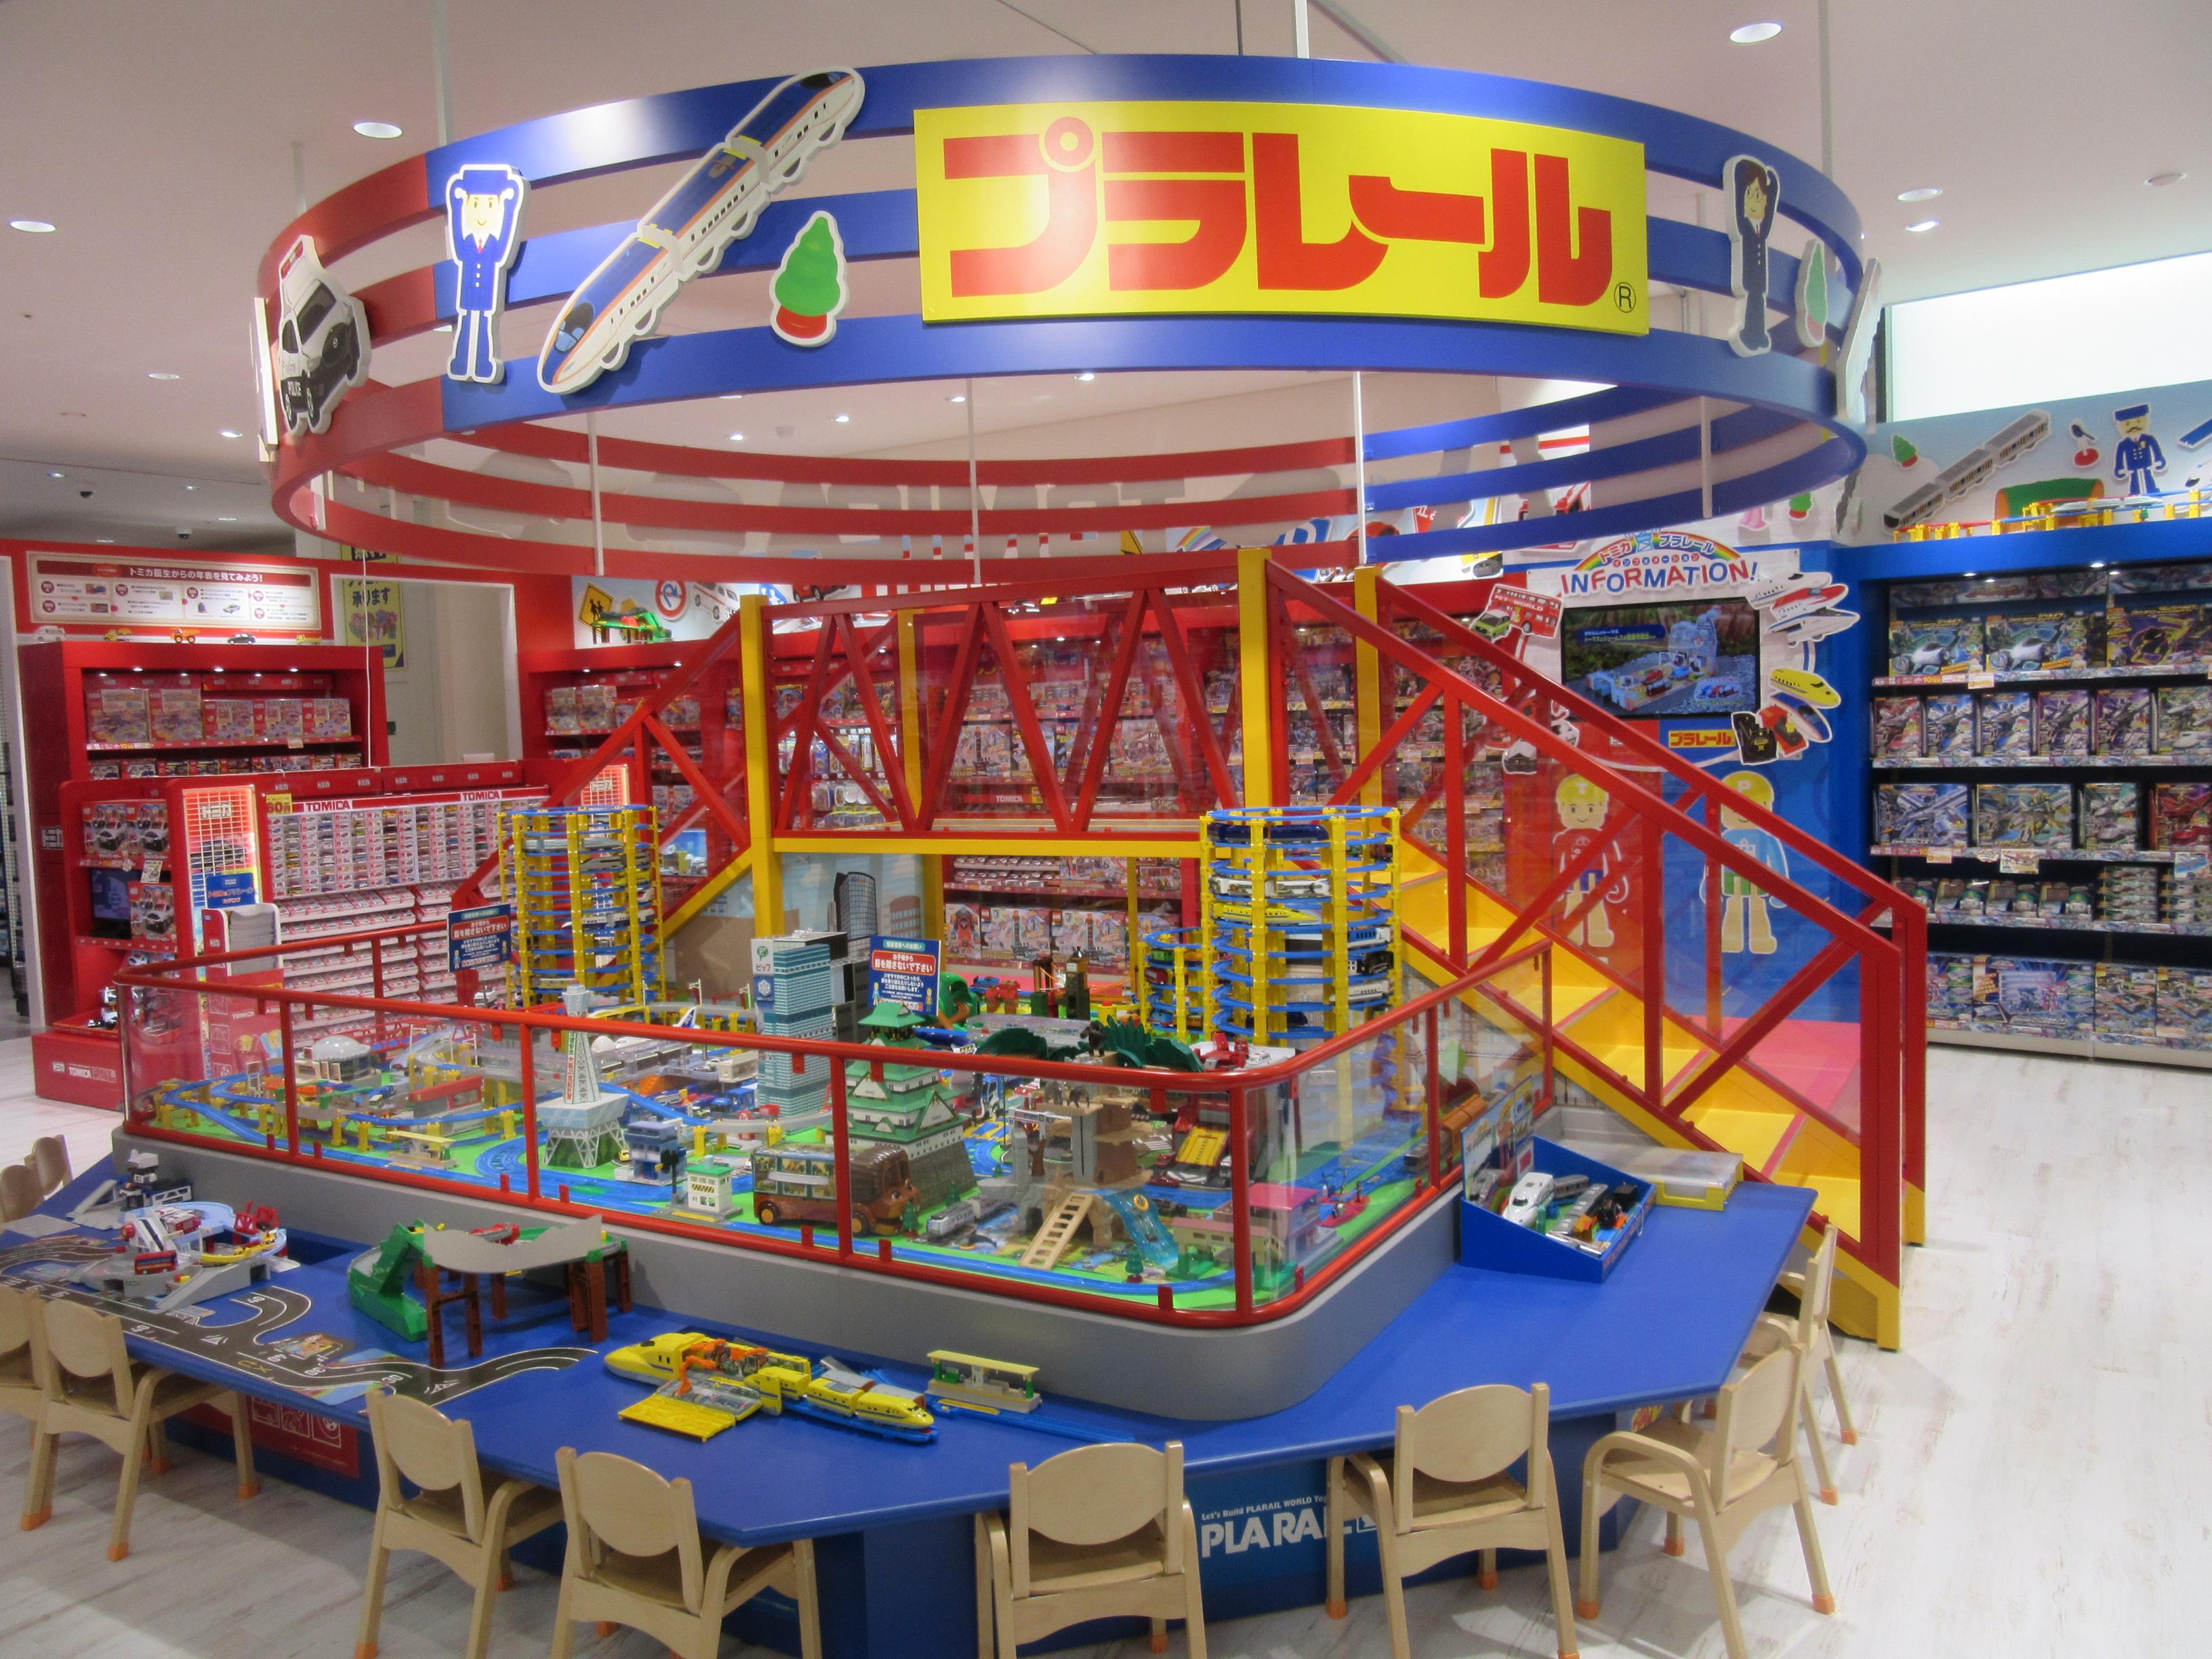 シルバニアファミリーやレゴ、プラレール/トミカのブースでは触って遊ぶこともできる